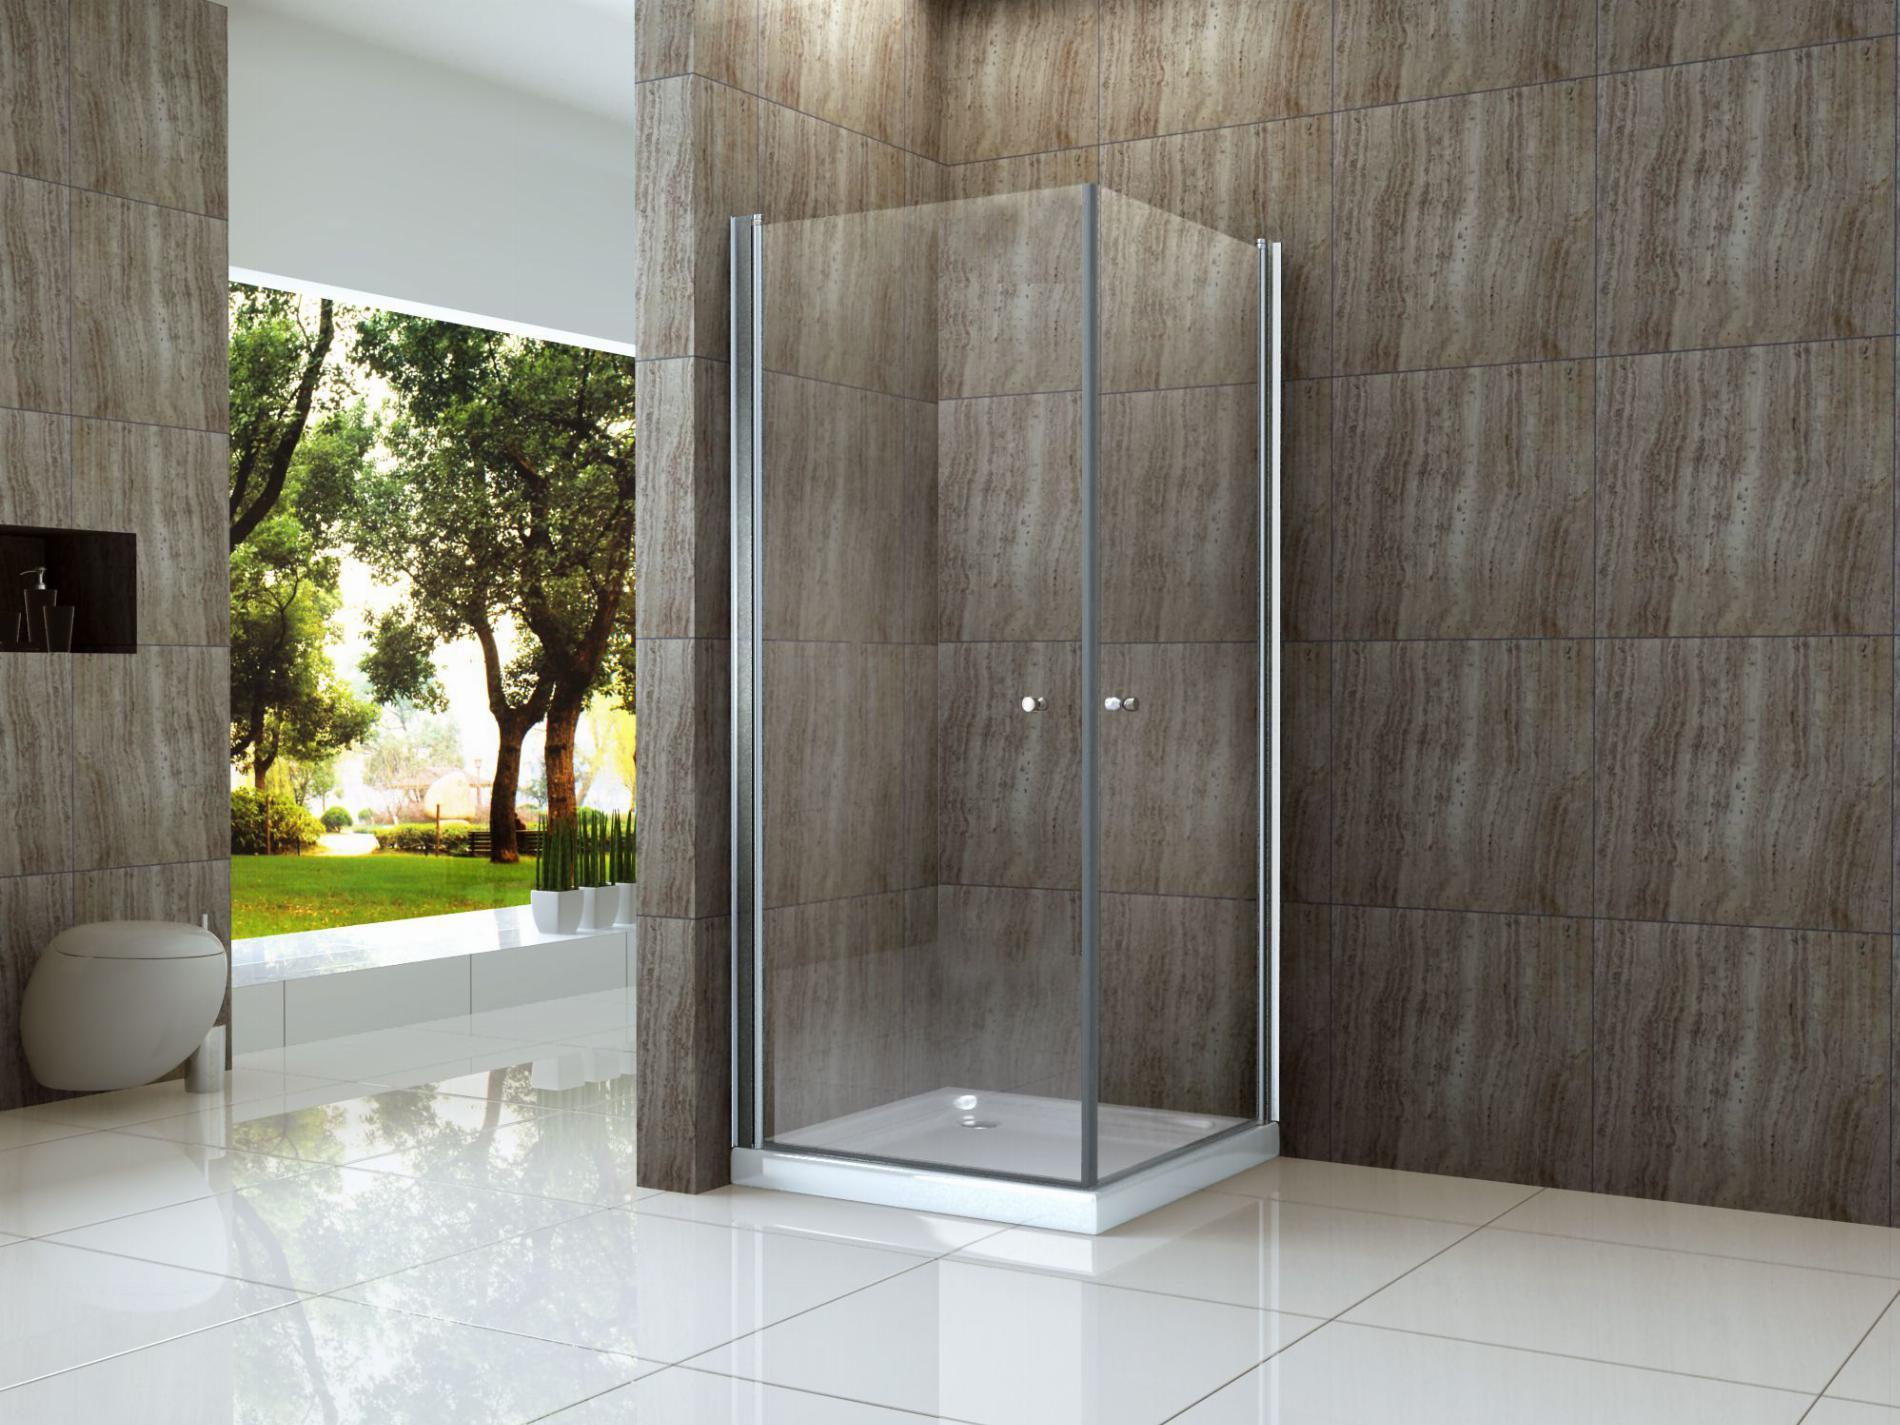 Duschkabine AMBO 80 x 90 cm ohne Duschtasse